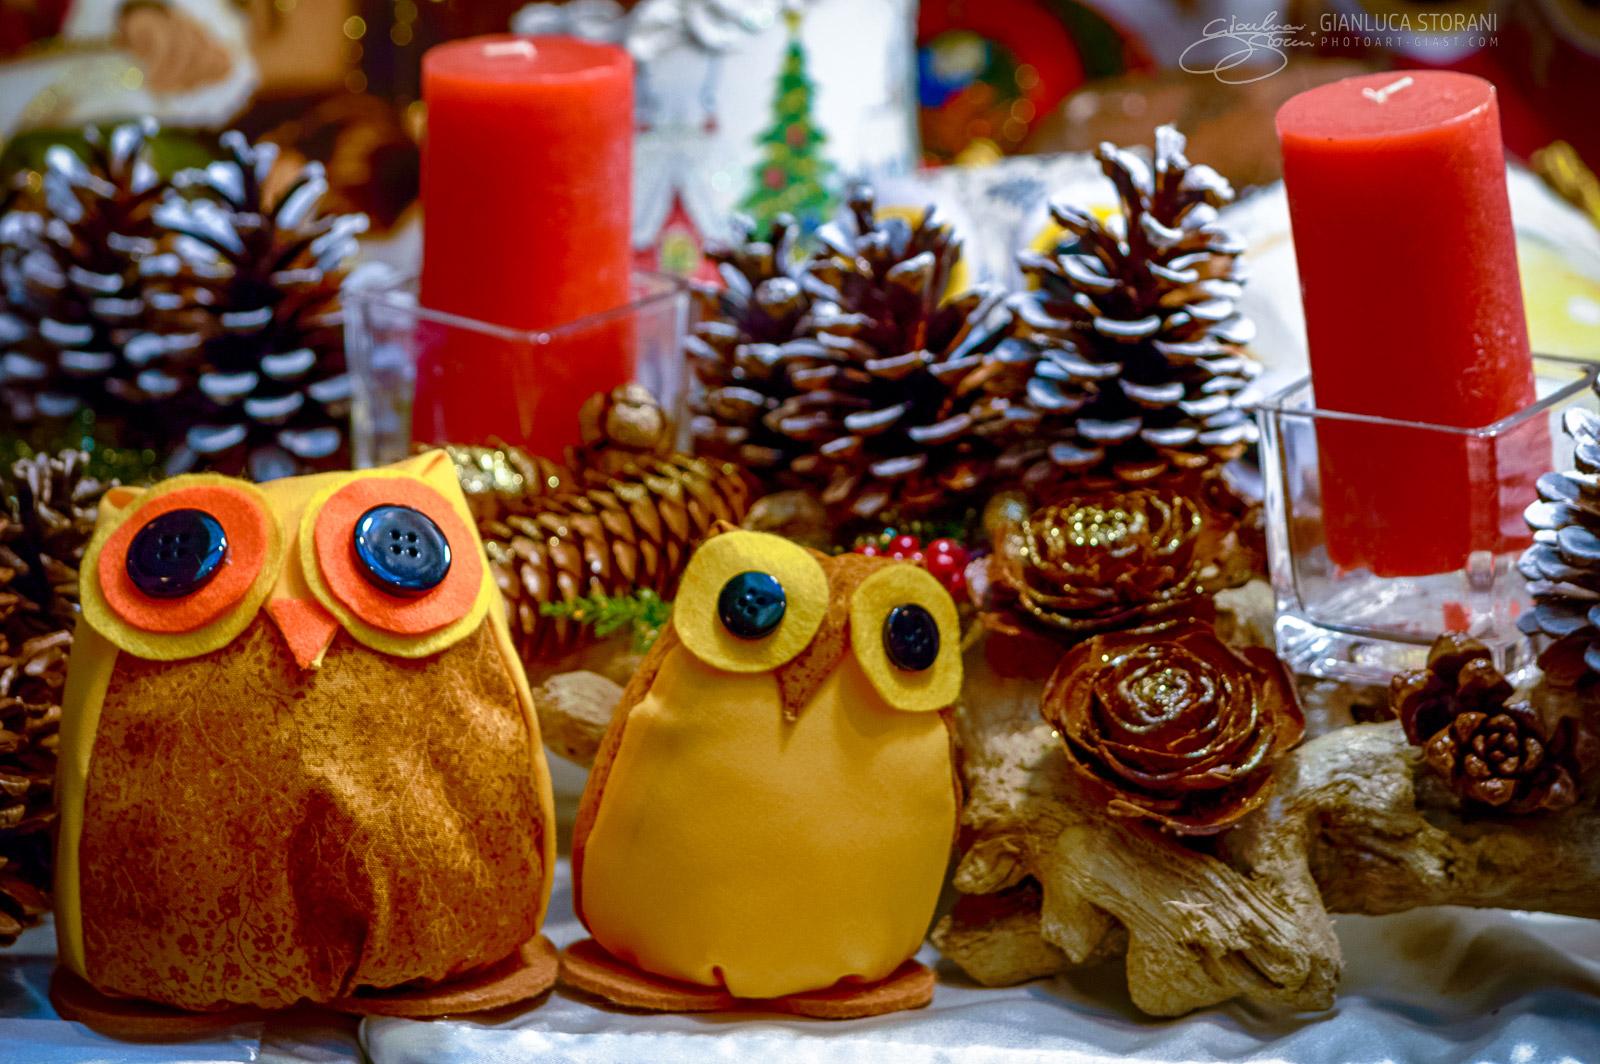 Il barattolo di Natale - Gianluca Storani Photo Art (ID: 4-6990)